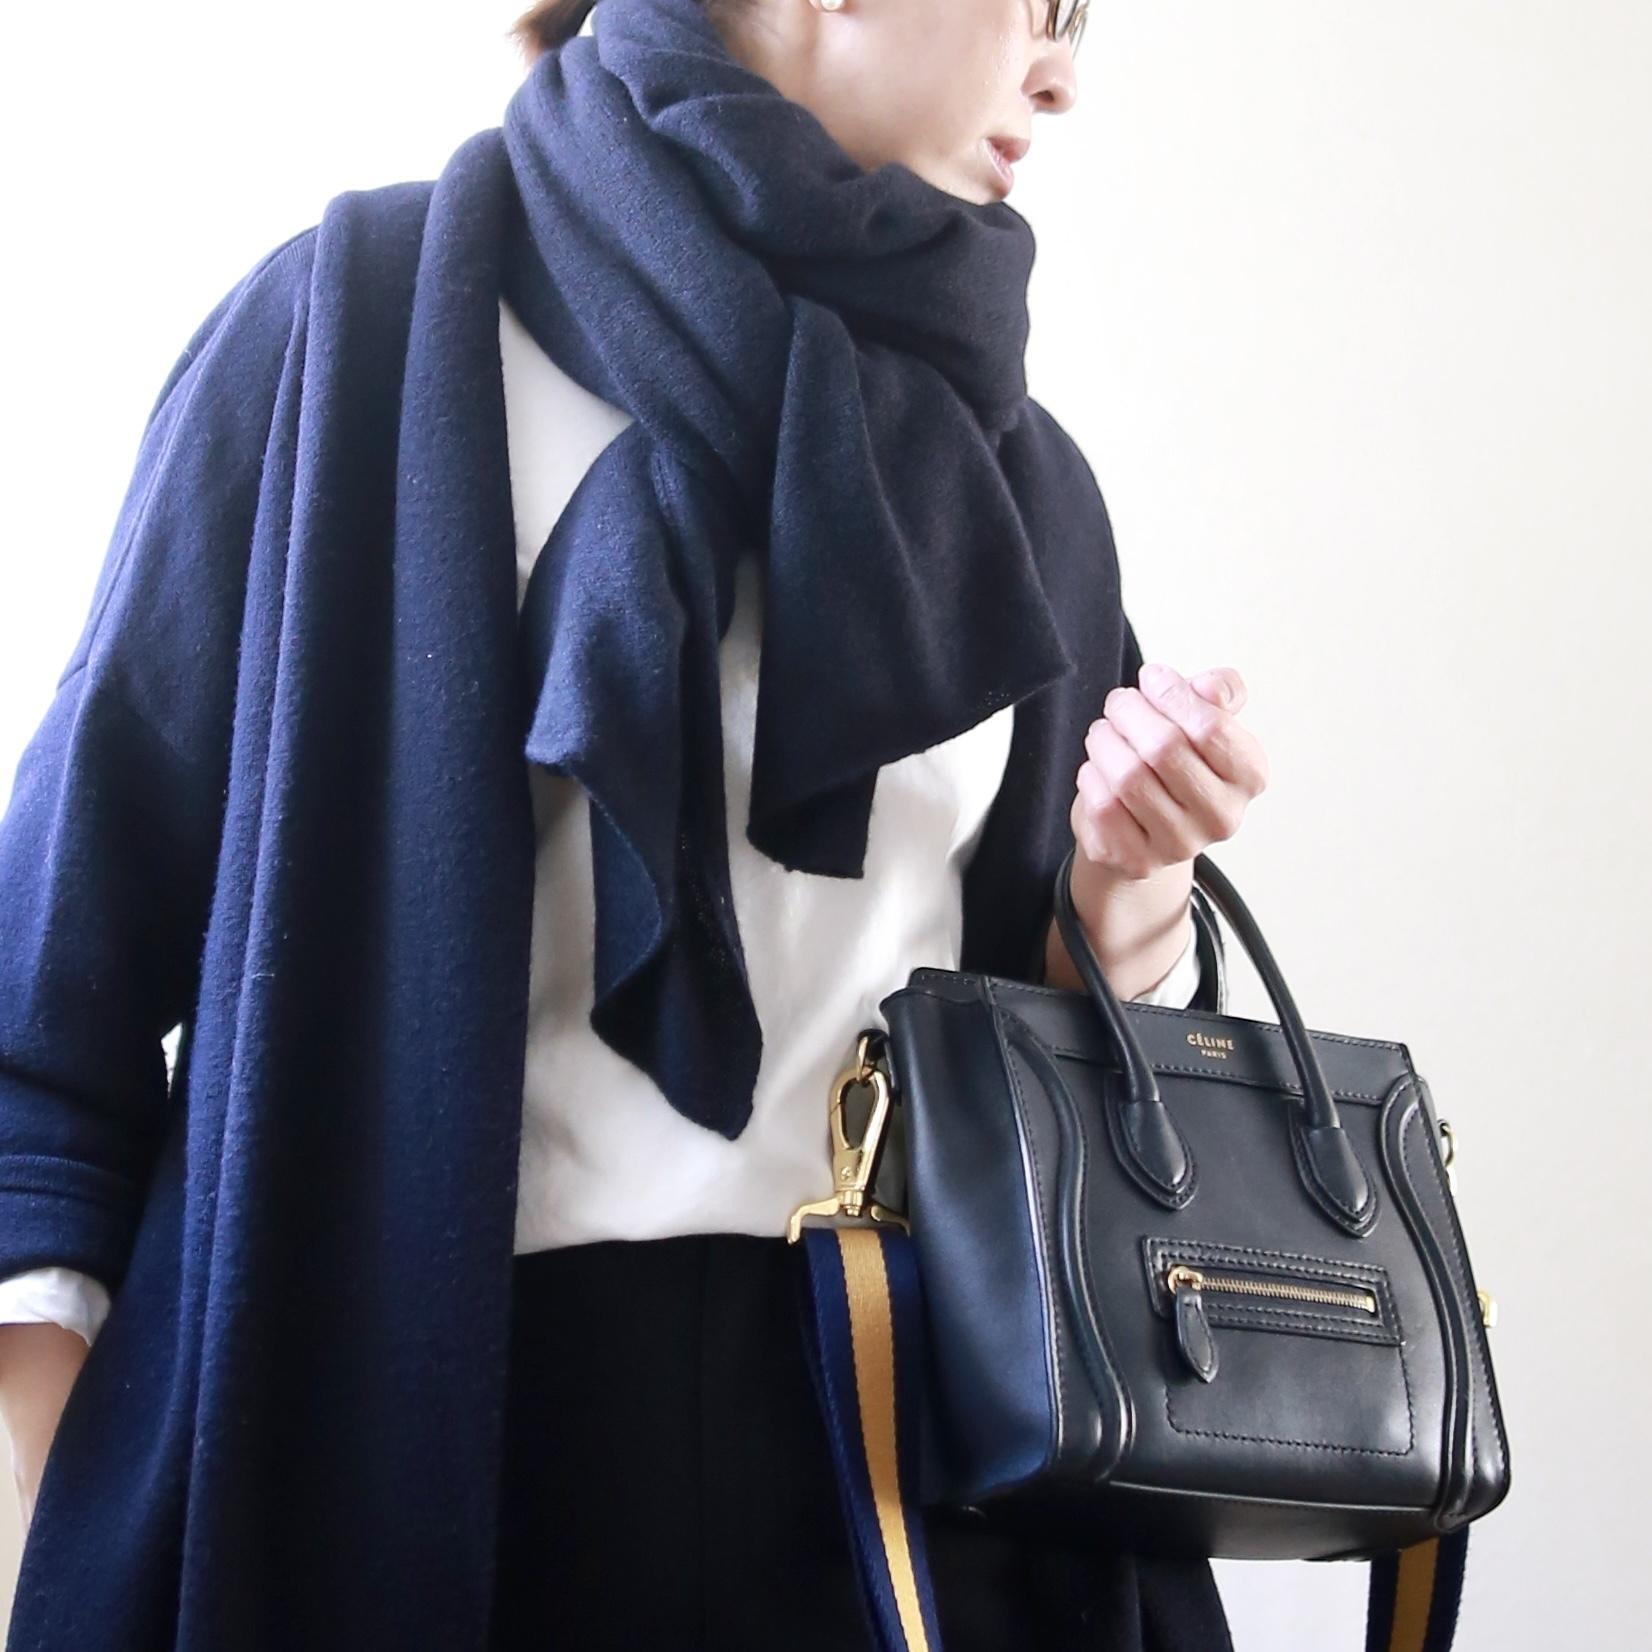 防寒しながら、おしゃれも楽しむ!2月の寒さを乗り切るコーデの秘訣まとめ|40代ファッション_1_40